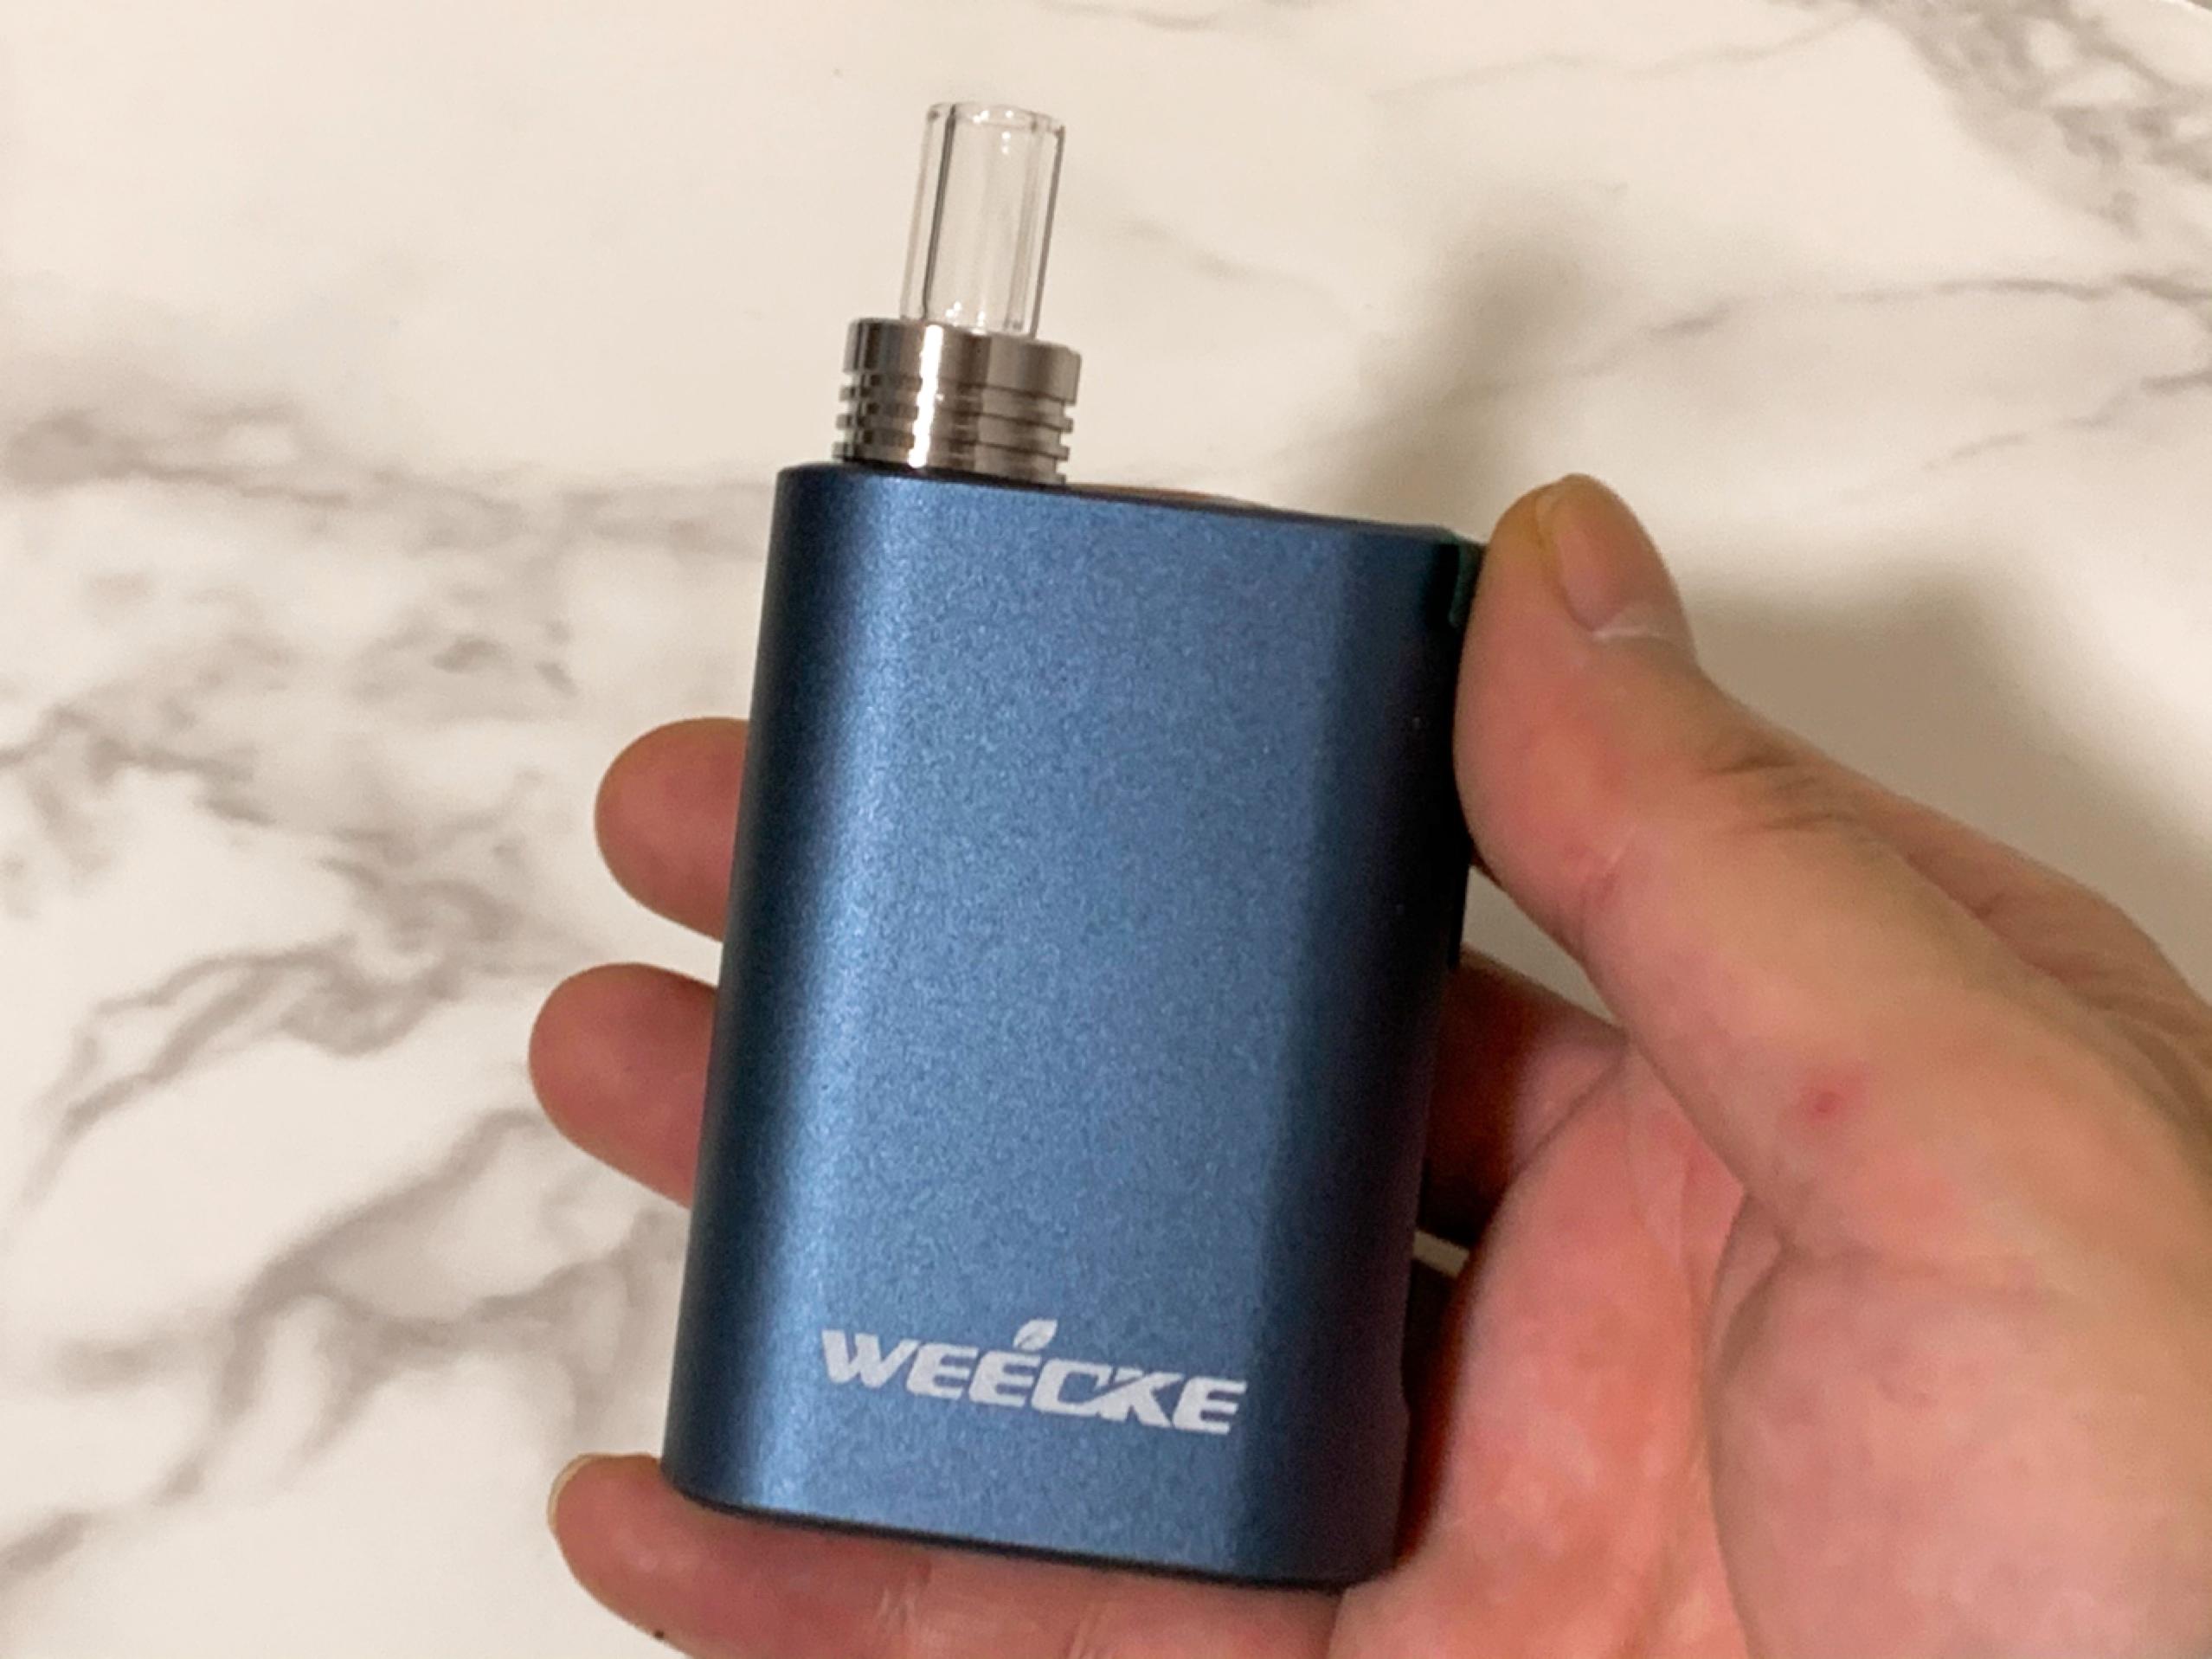 DF0D99BE D541 4F13 8168 C7C3C1D326CD - 【レビュー】WEECKE C VAPOR 4.0(ウィーキー・シーベイパー)の最新モデルシーベイパー4.0をレビューしてみたよ。